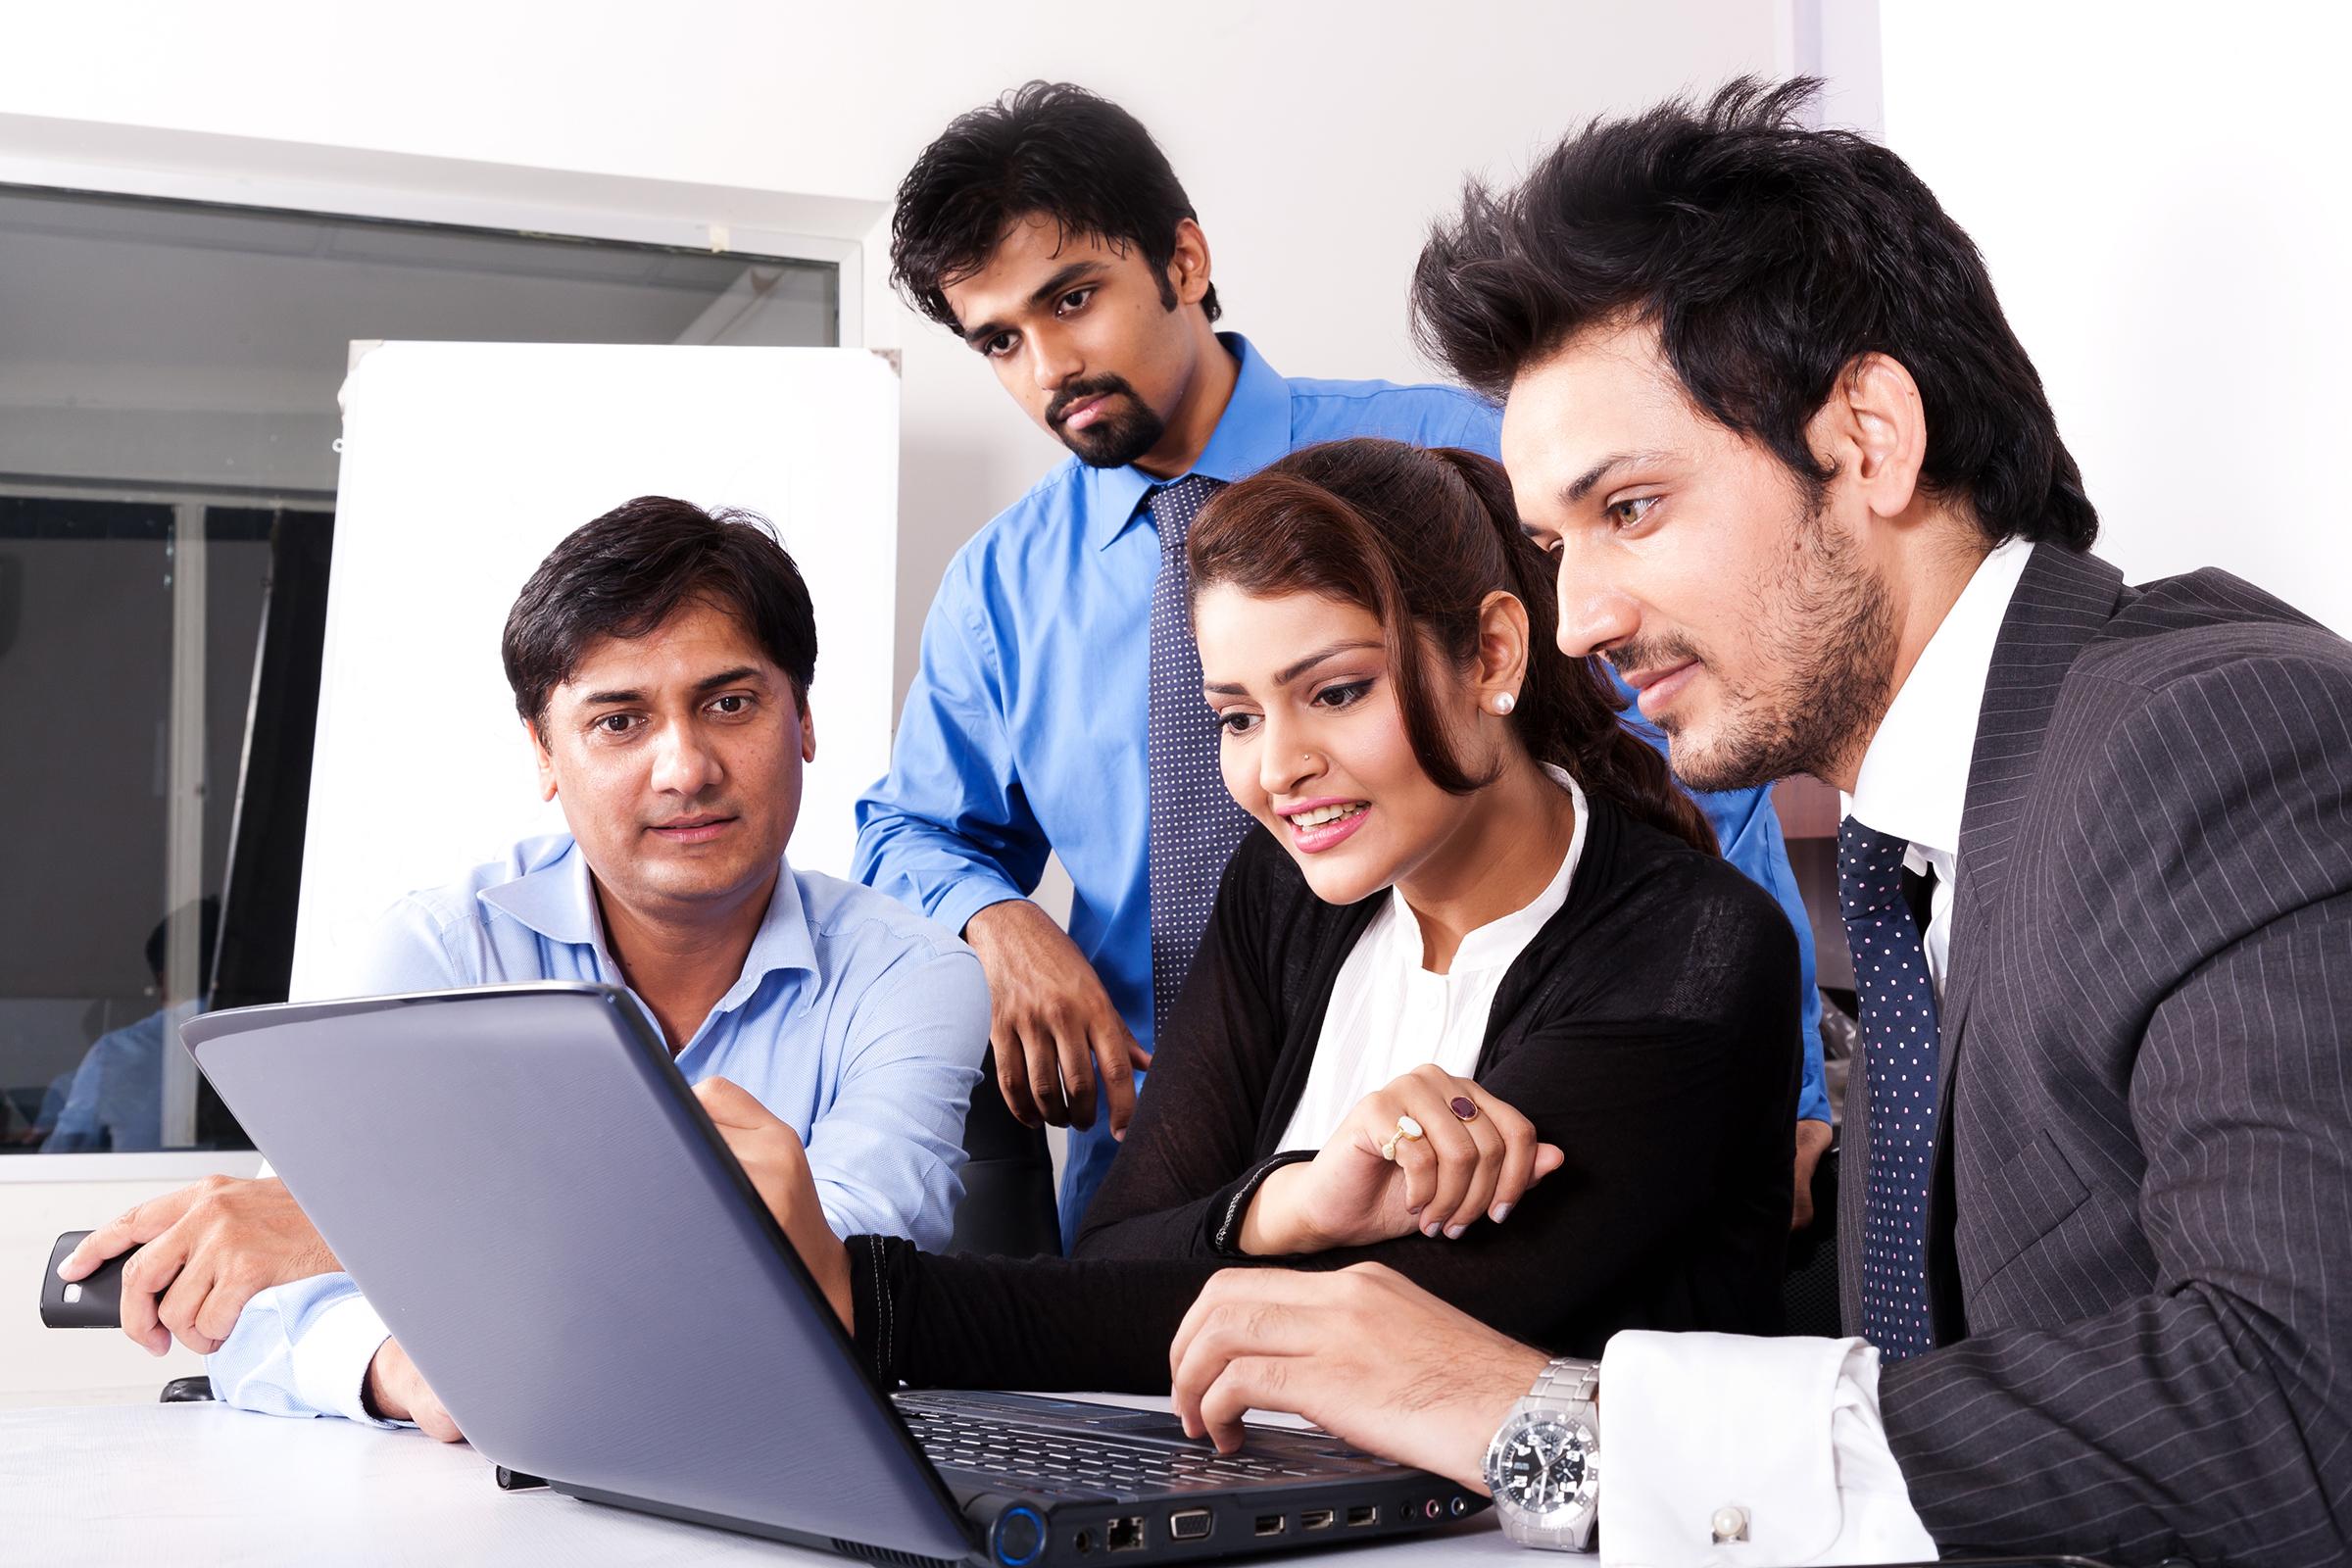 People around laptop